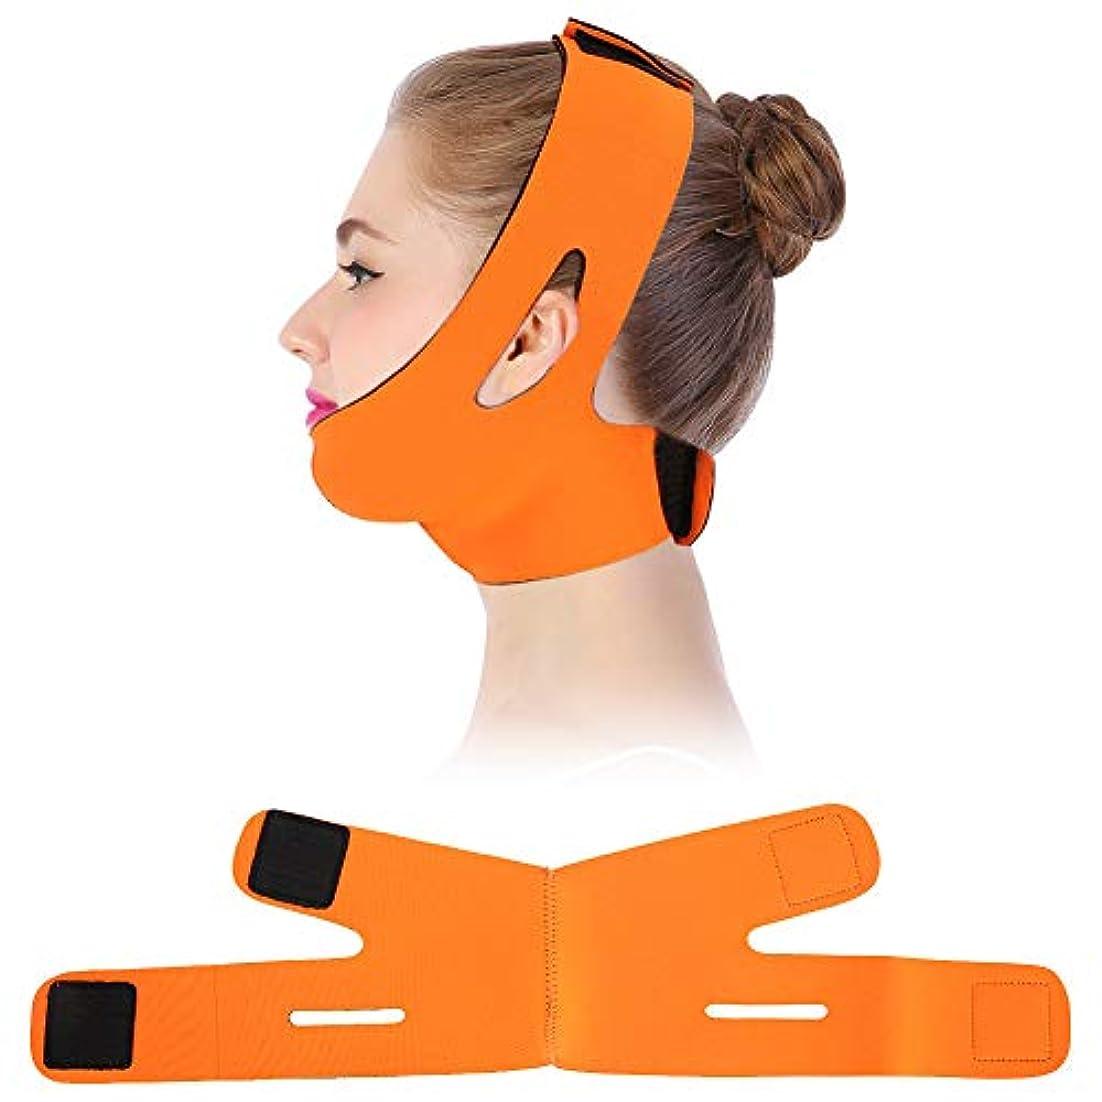 国際持っている受動的フェイスリフティングベルト,顔の痩身包帯フェイシャルスリミング包帯ベルトマスクフェイスリフトダブルチンスキンストラップ (オレンジ)